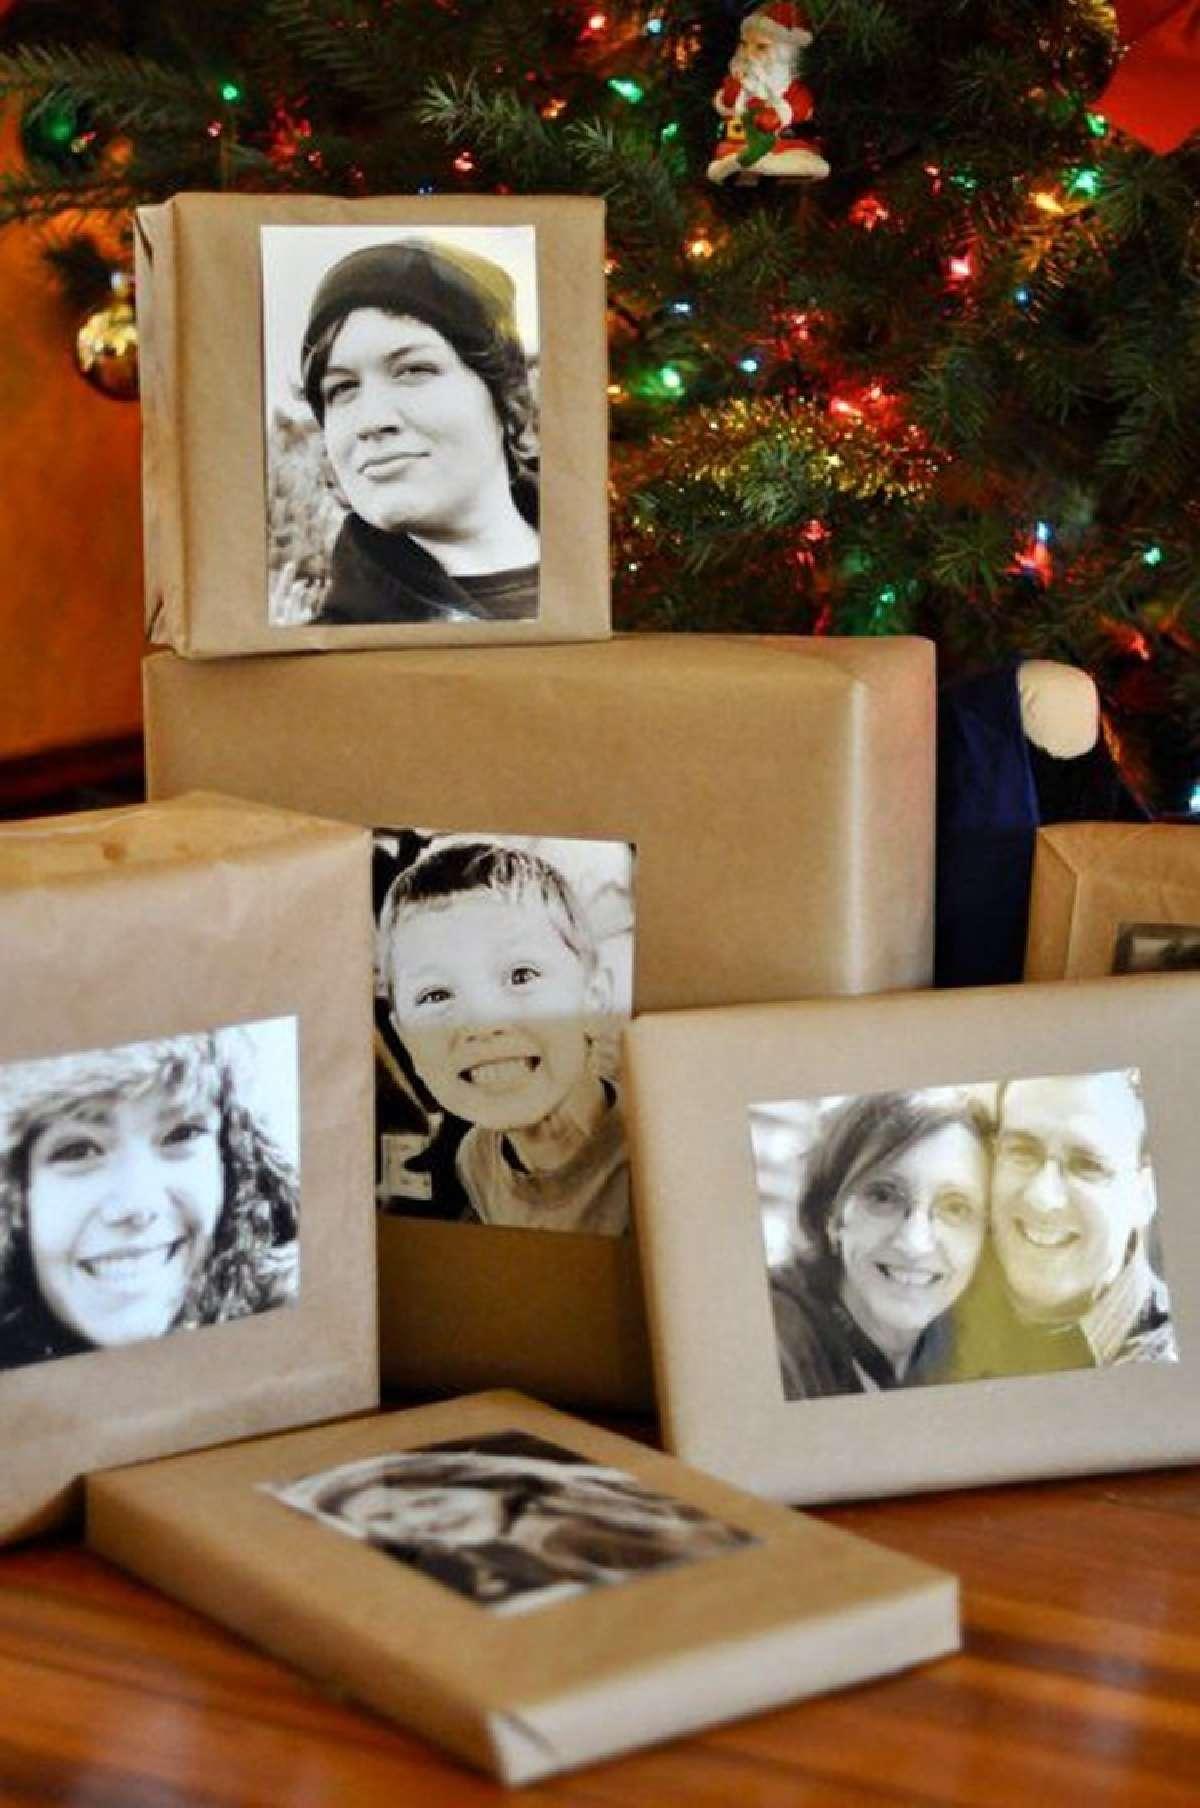 Originales ideas para decorar y envolver los regalos navideños 3